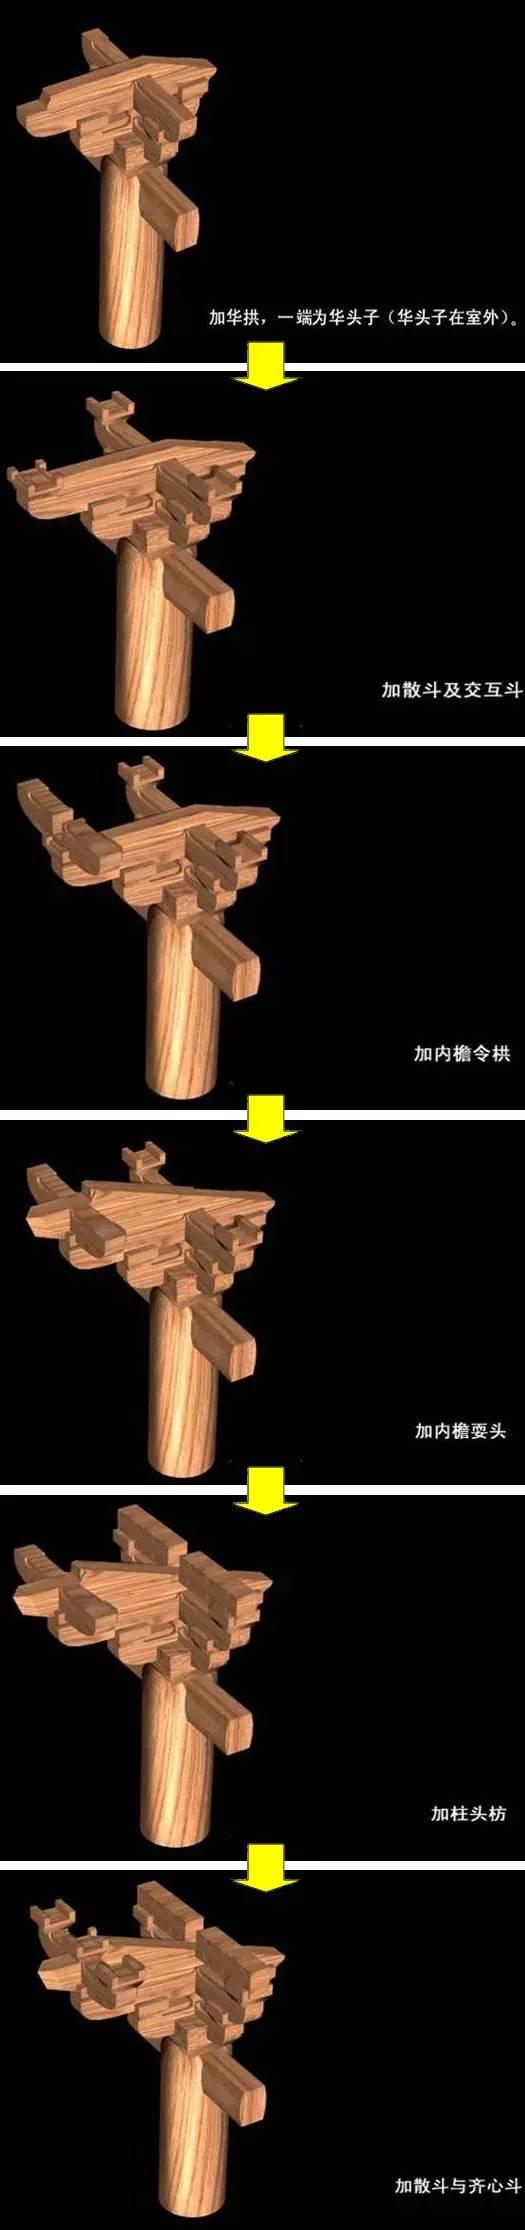 干货·中国古建筑的遗产_31